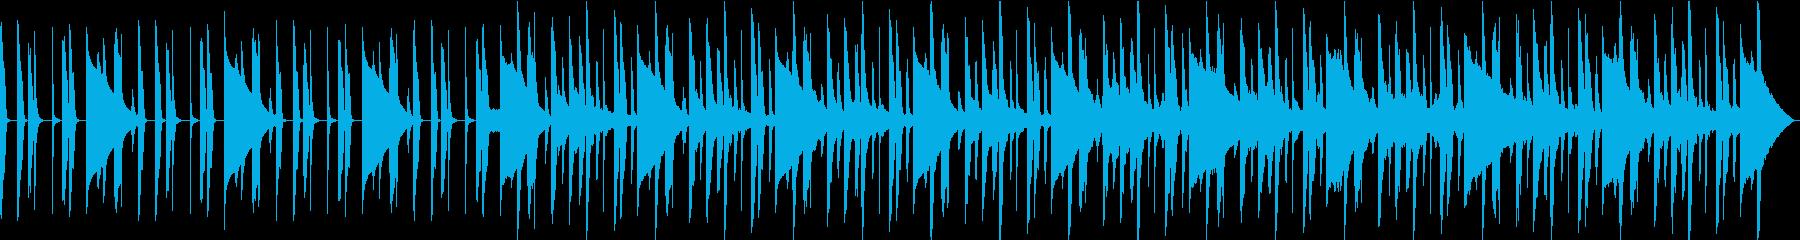 ブルージーな短いジングルの再生済みの波形